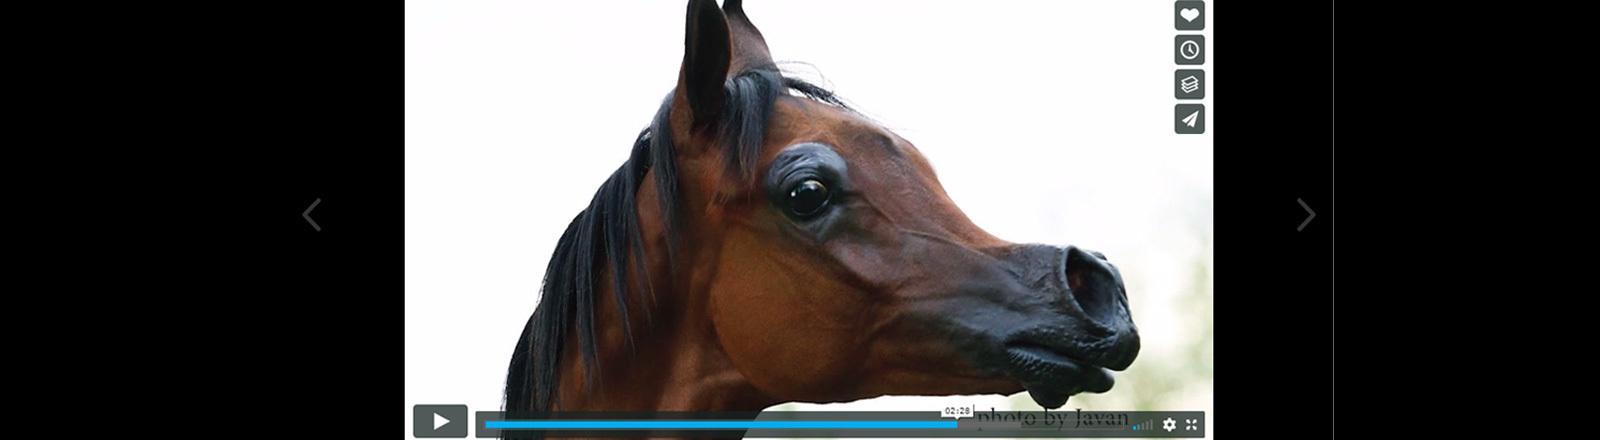 Screenshot des Araberfohlens El Ray Magnum der Firma Orrion Farms.